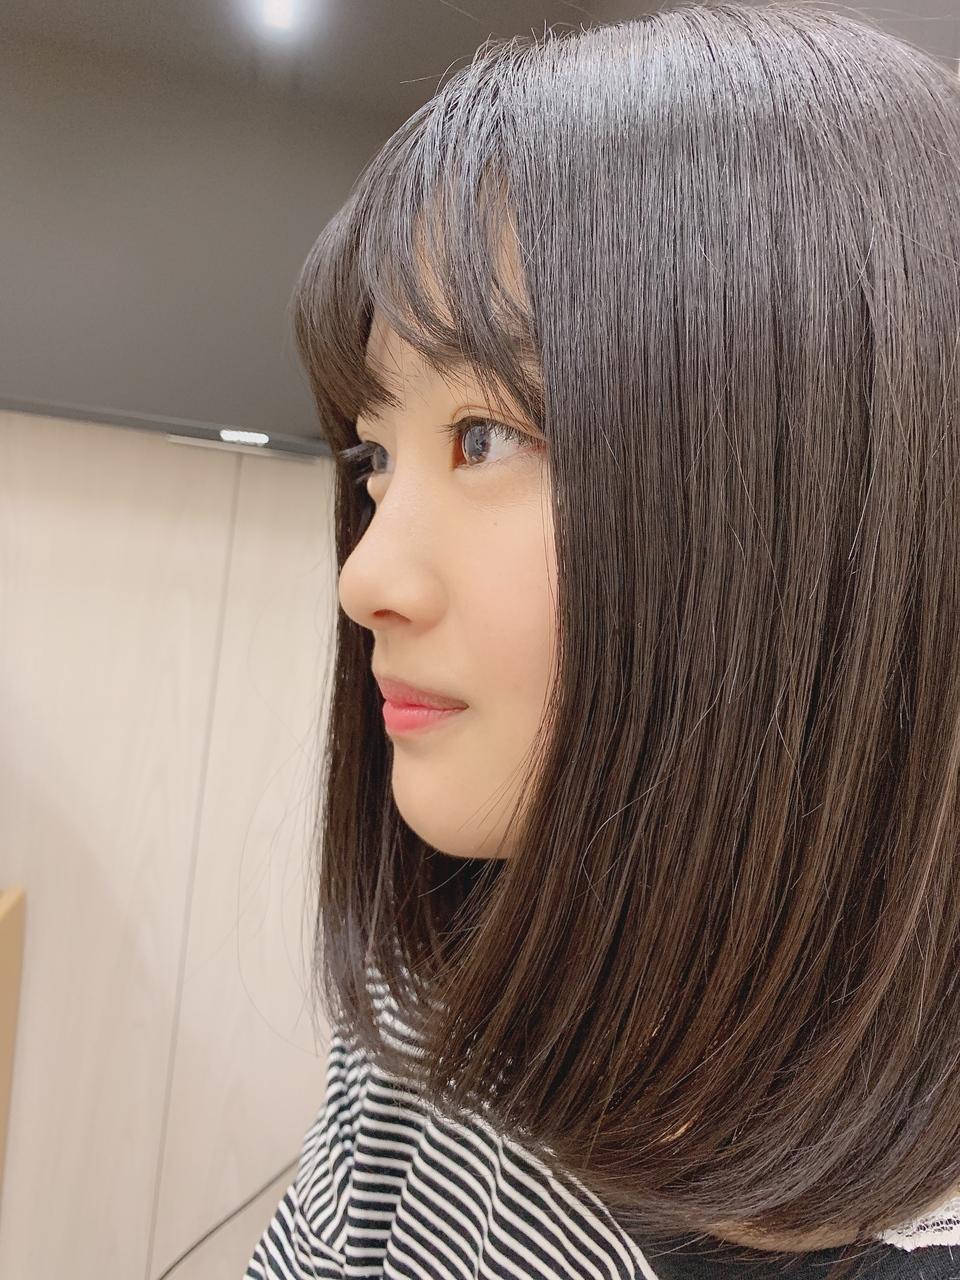 【欅】最新の原田葵の画像がFUYUKAのブログに、武道館アニラで復帰か?【美人】